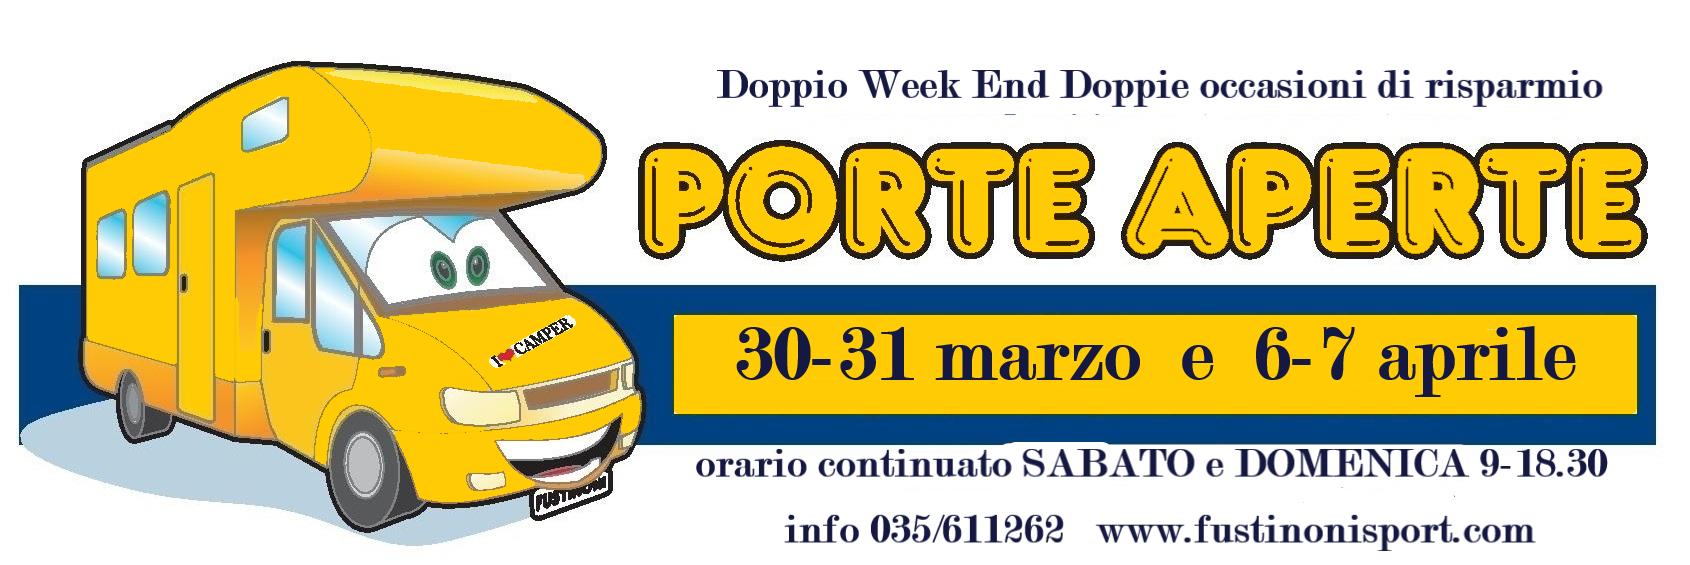 porte-aperte-30-31-marzo-e-6-7-aprile-2019-di-fusitnoni-sport